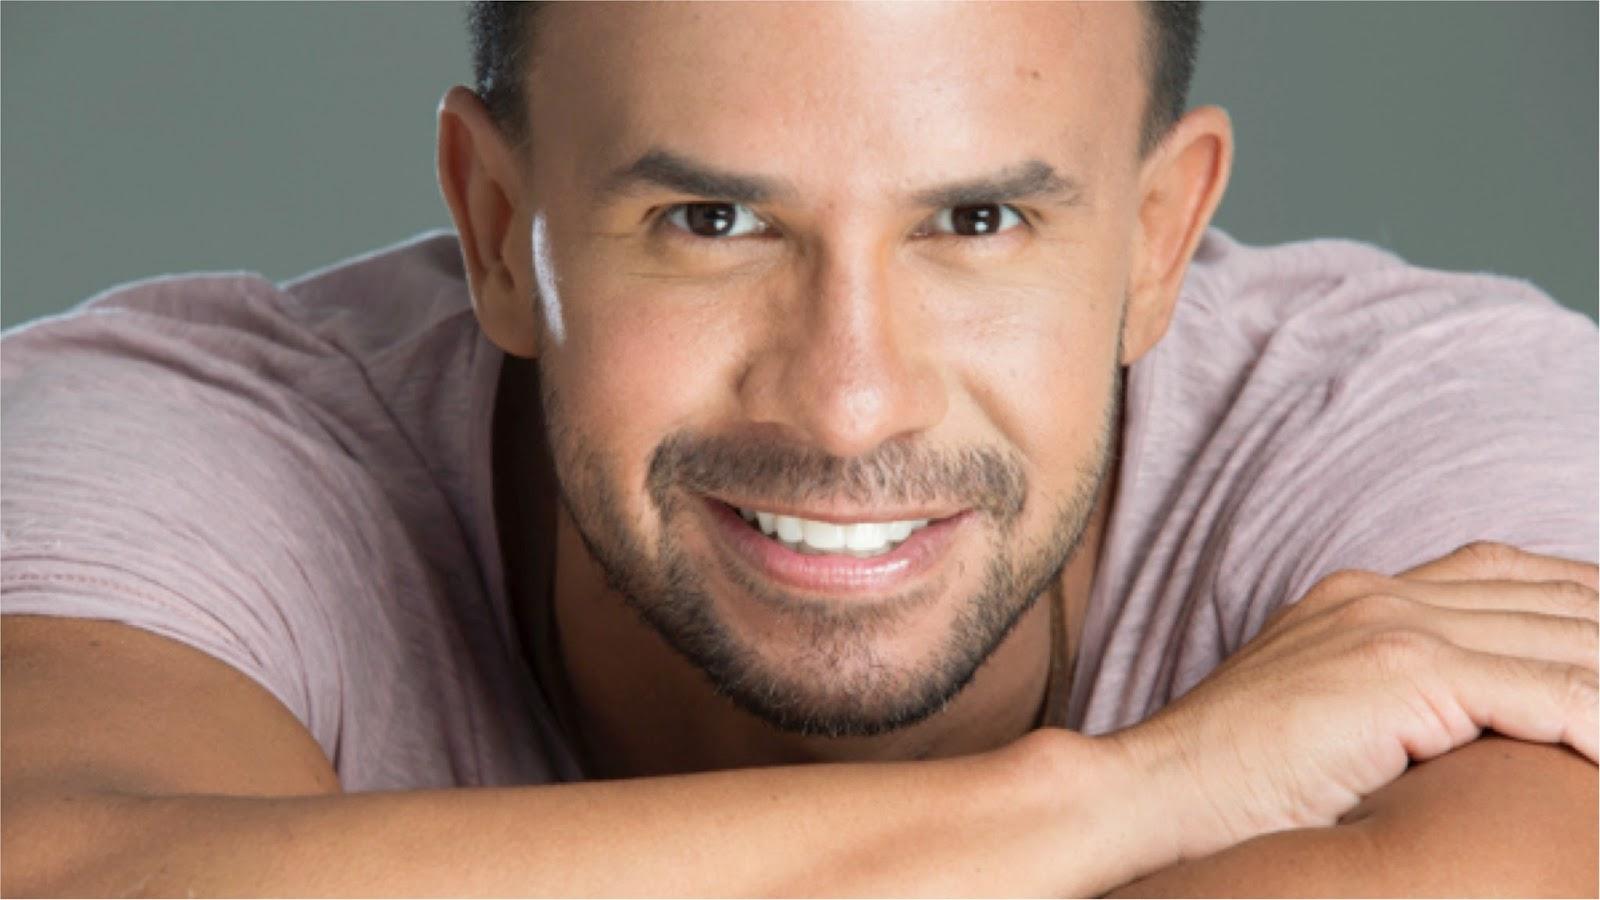 Carlos Arraiz 3bpblogspotcom8m8hOCwfxY0VJTXOEAaopIAAAAAAA